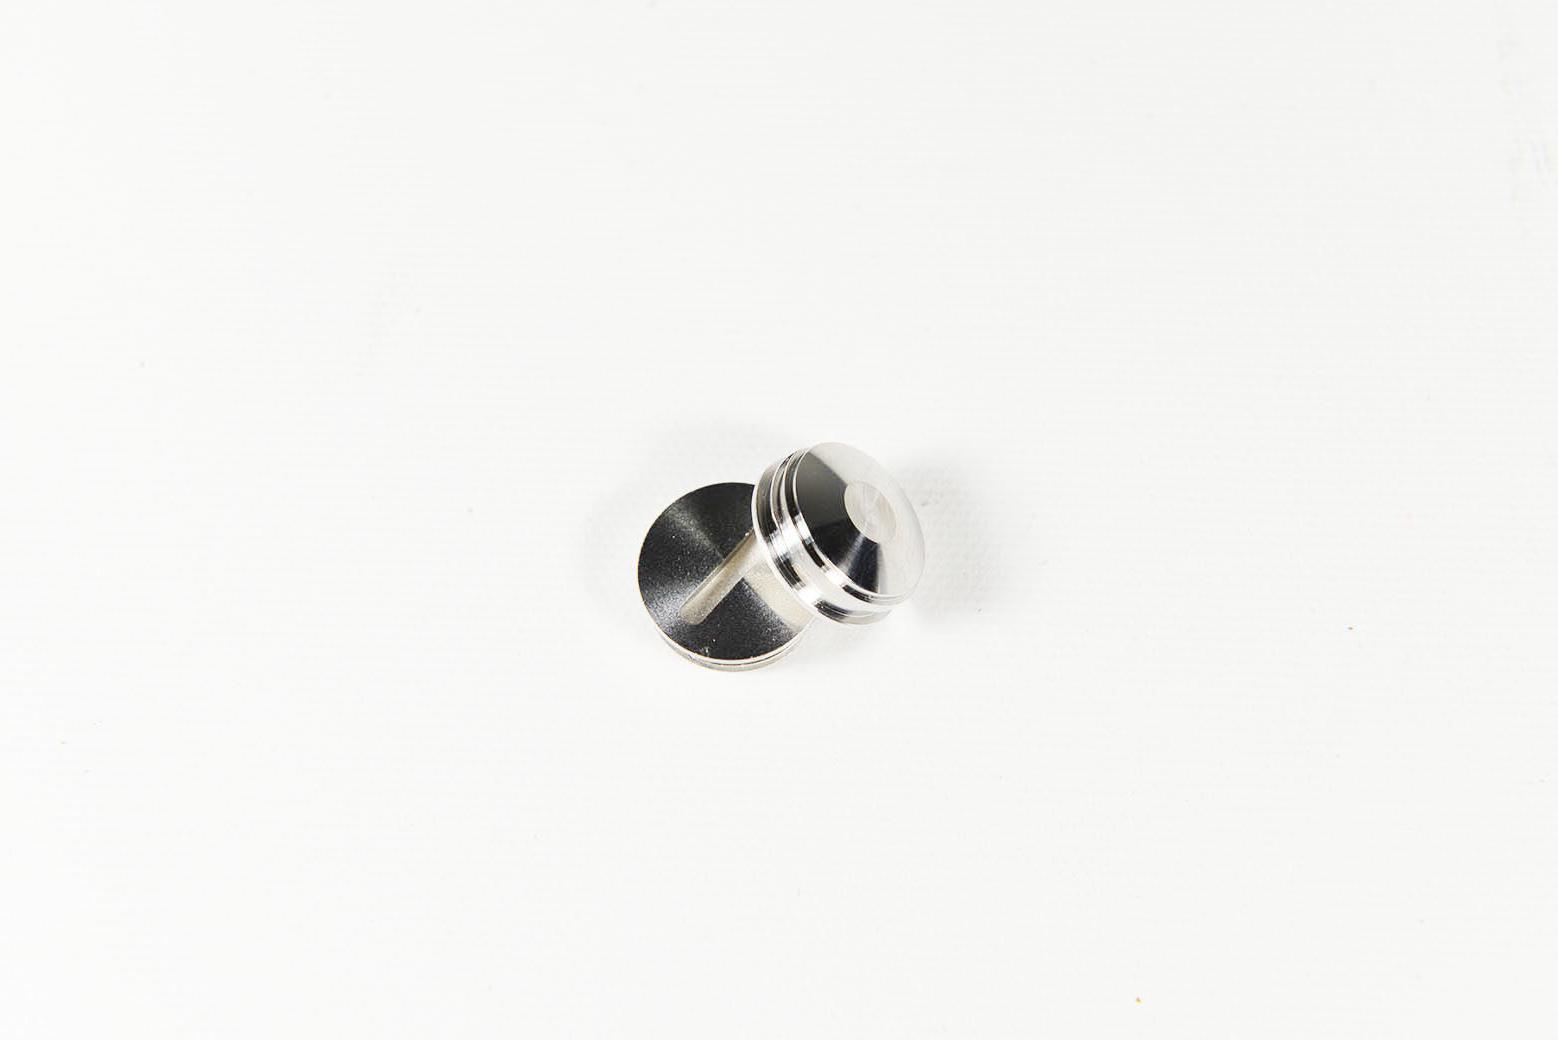 Original screw cap/cover for keyboard